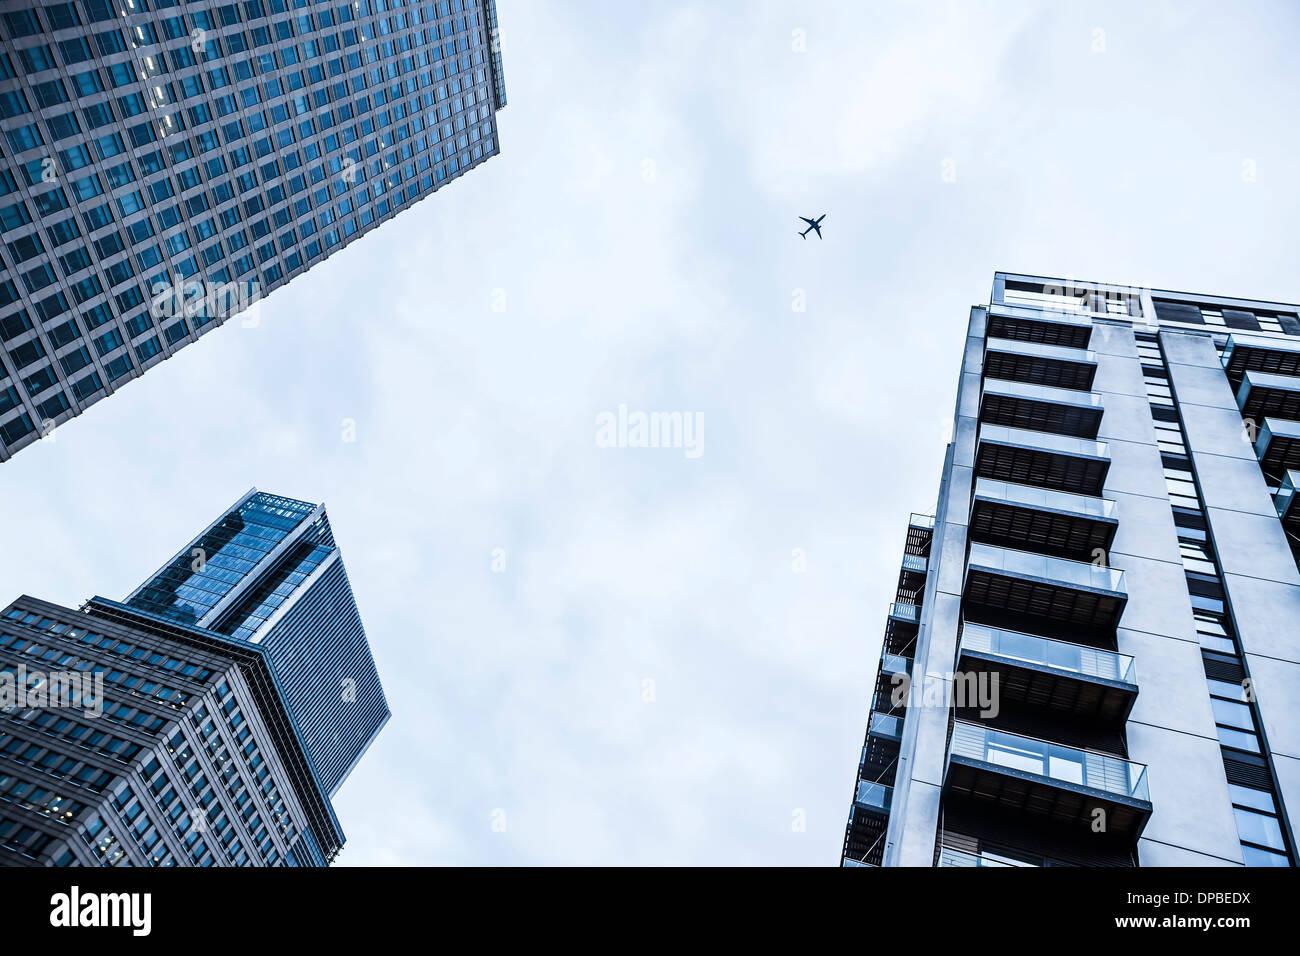 UK, Londres, Docklands, certaines parties de trois bâtiments du quartier financiers Photo Stock